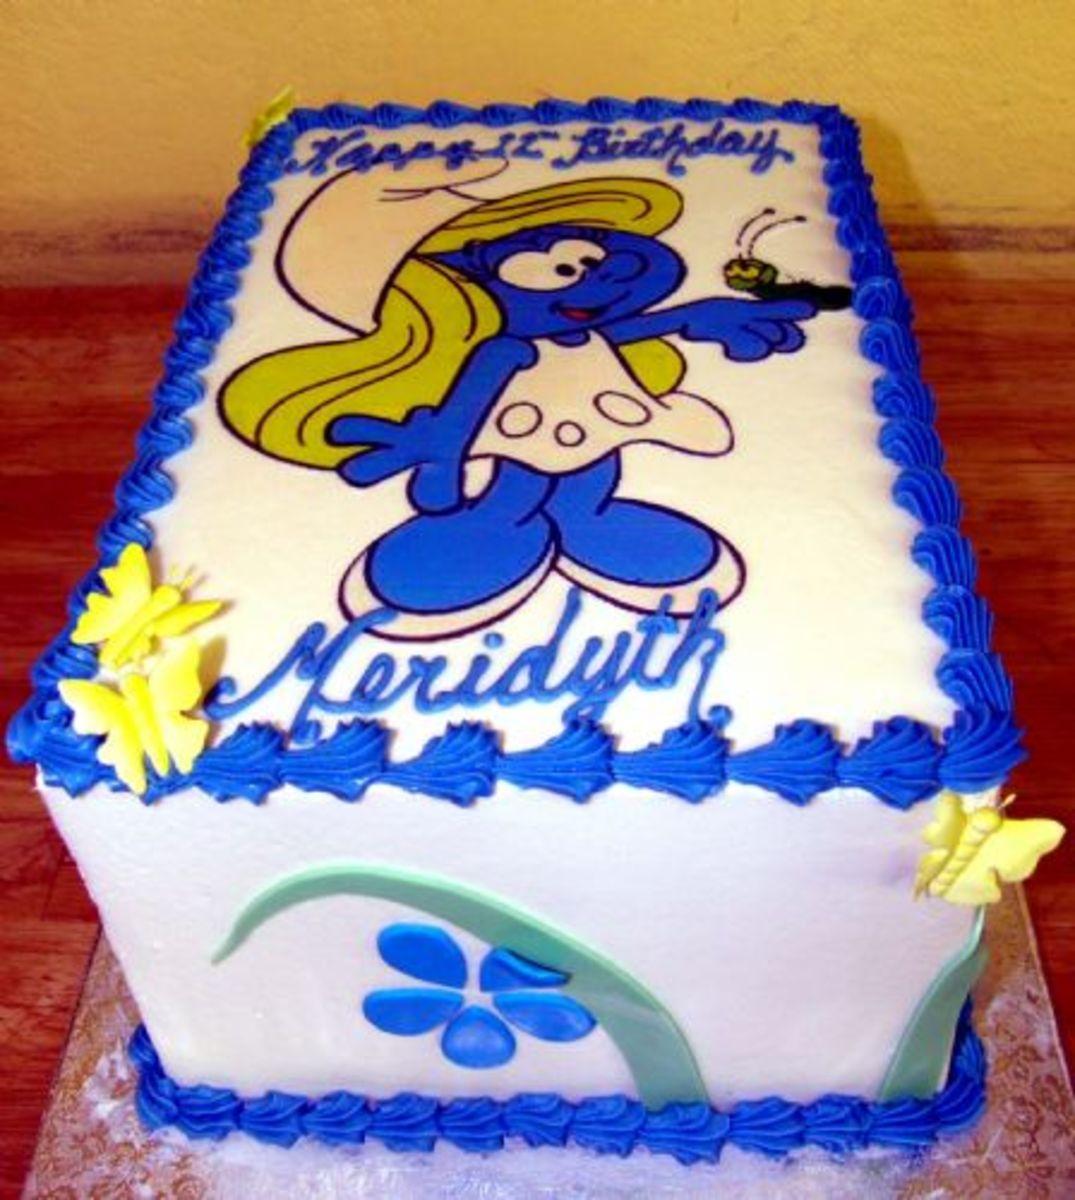 sweetconfectionscakes.com